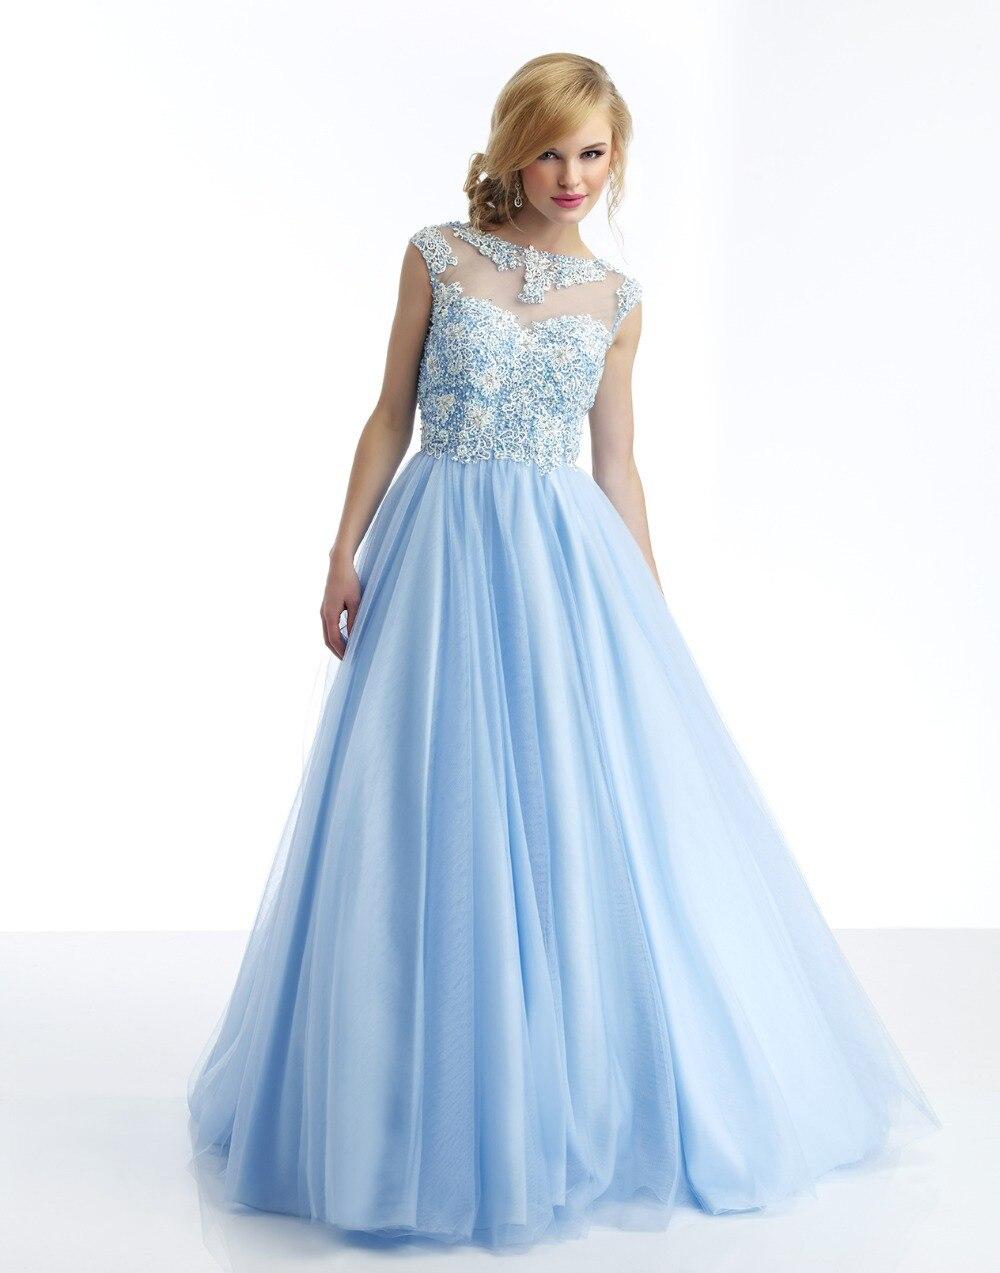 Prom Dress Stores Columbus Ohio - Ocodea.com